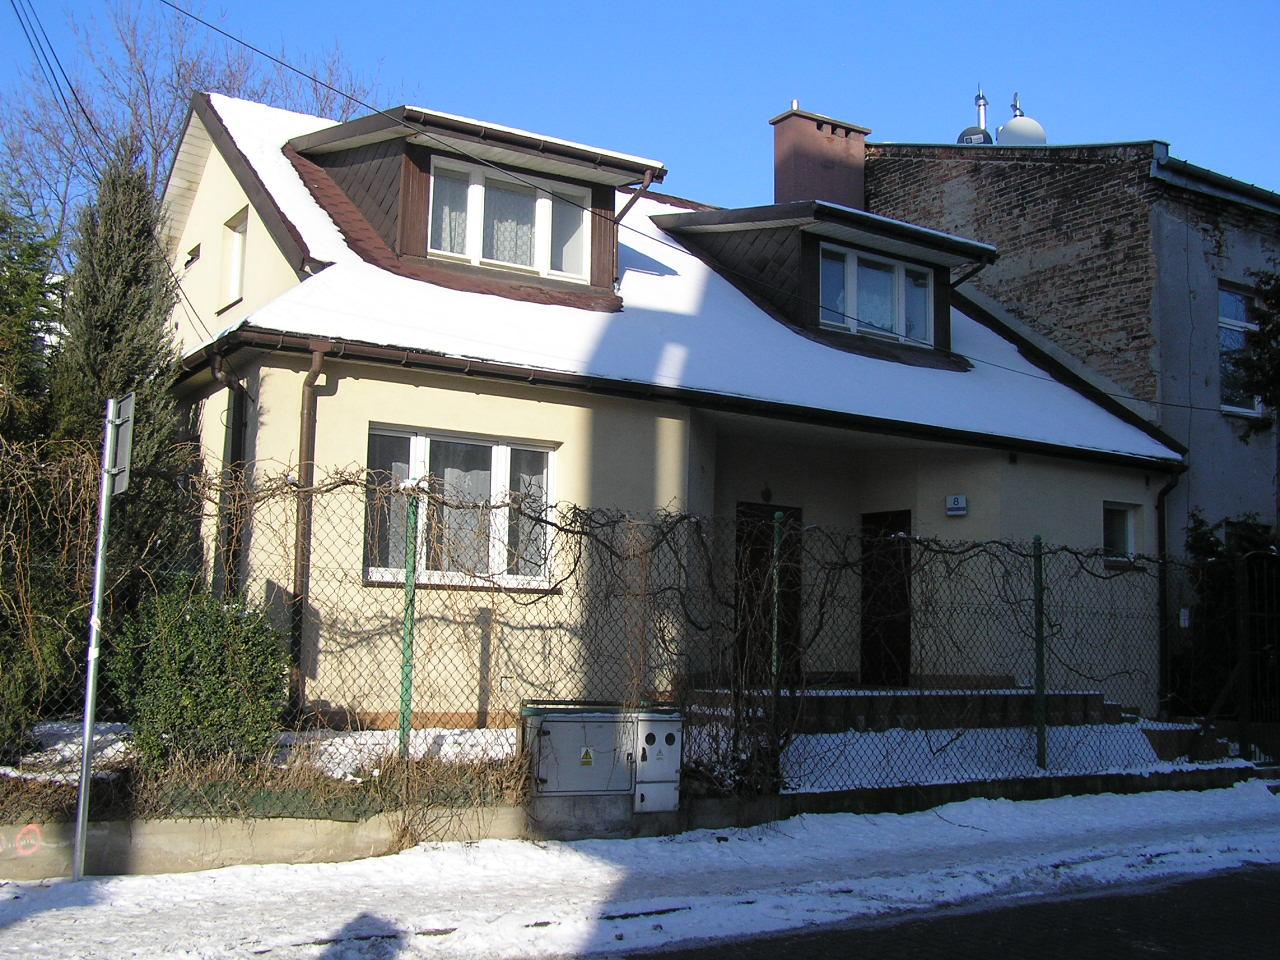 Dom przy ulicy Kruszewskiego 8 na Grochowie